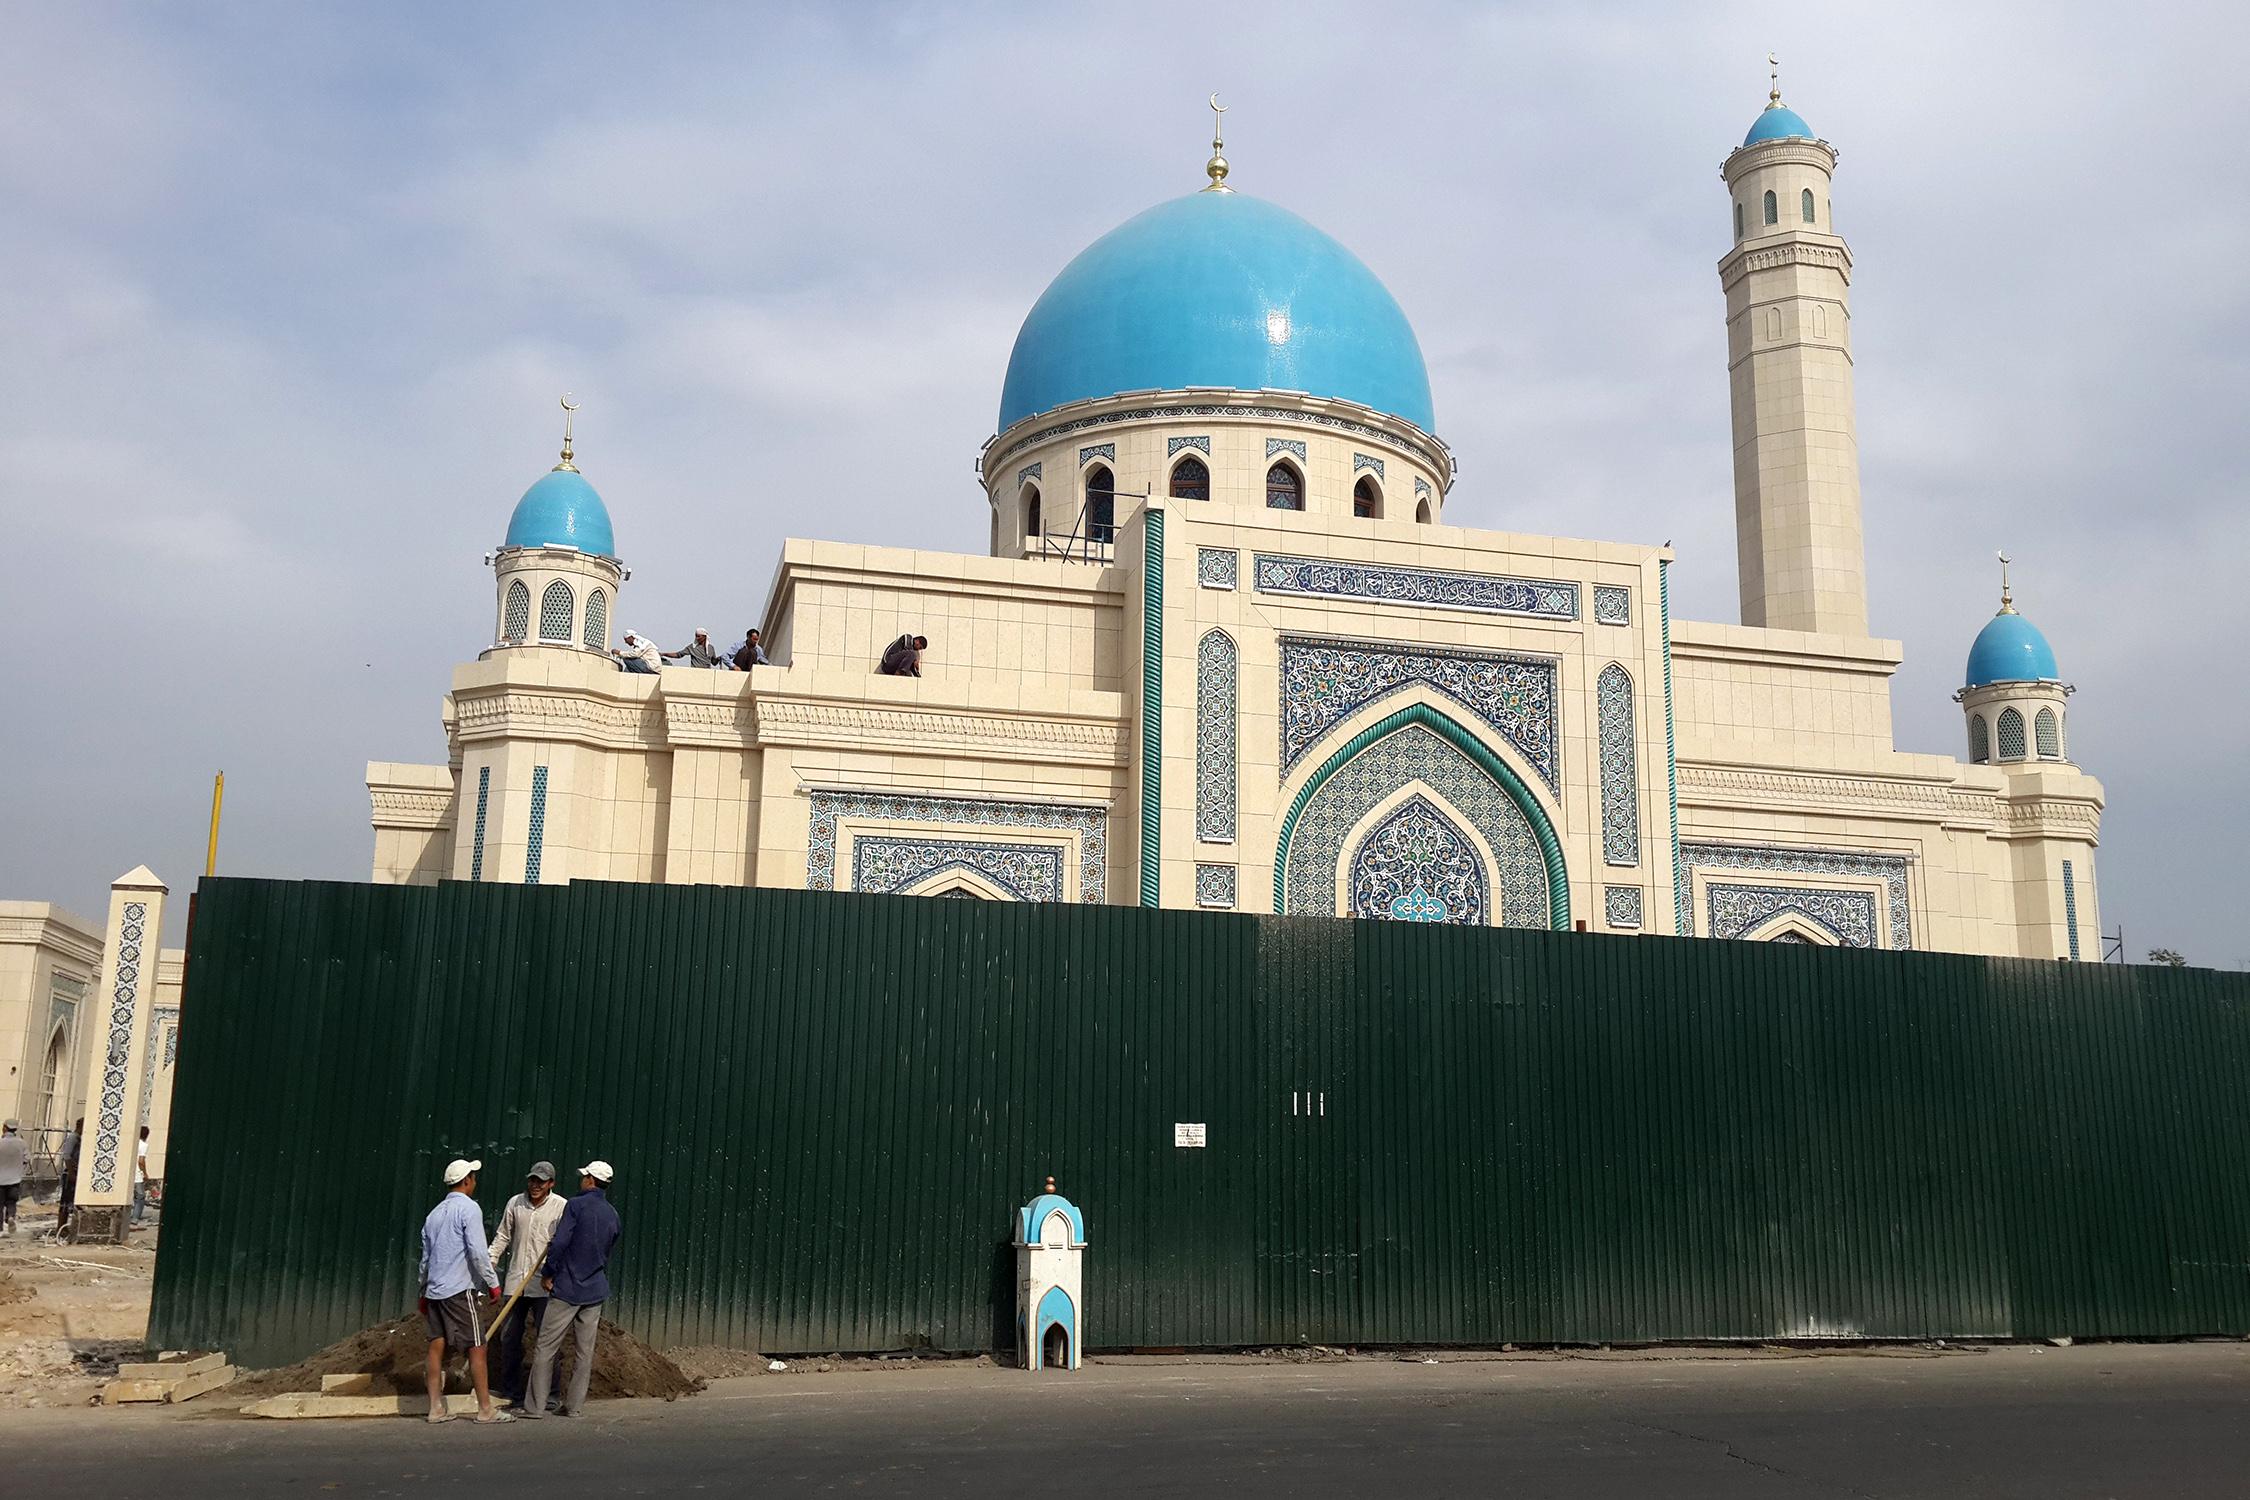 где в ростове находится узбекская мечеть фото что